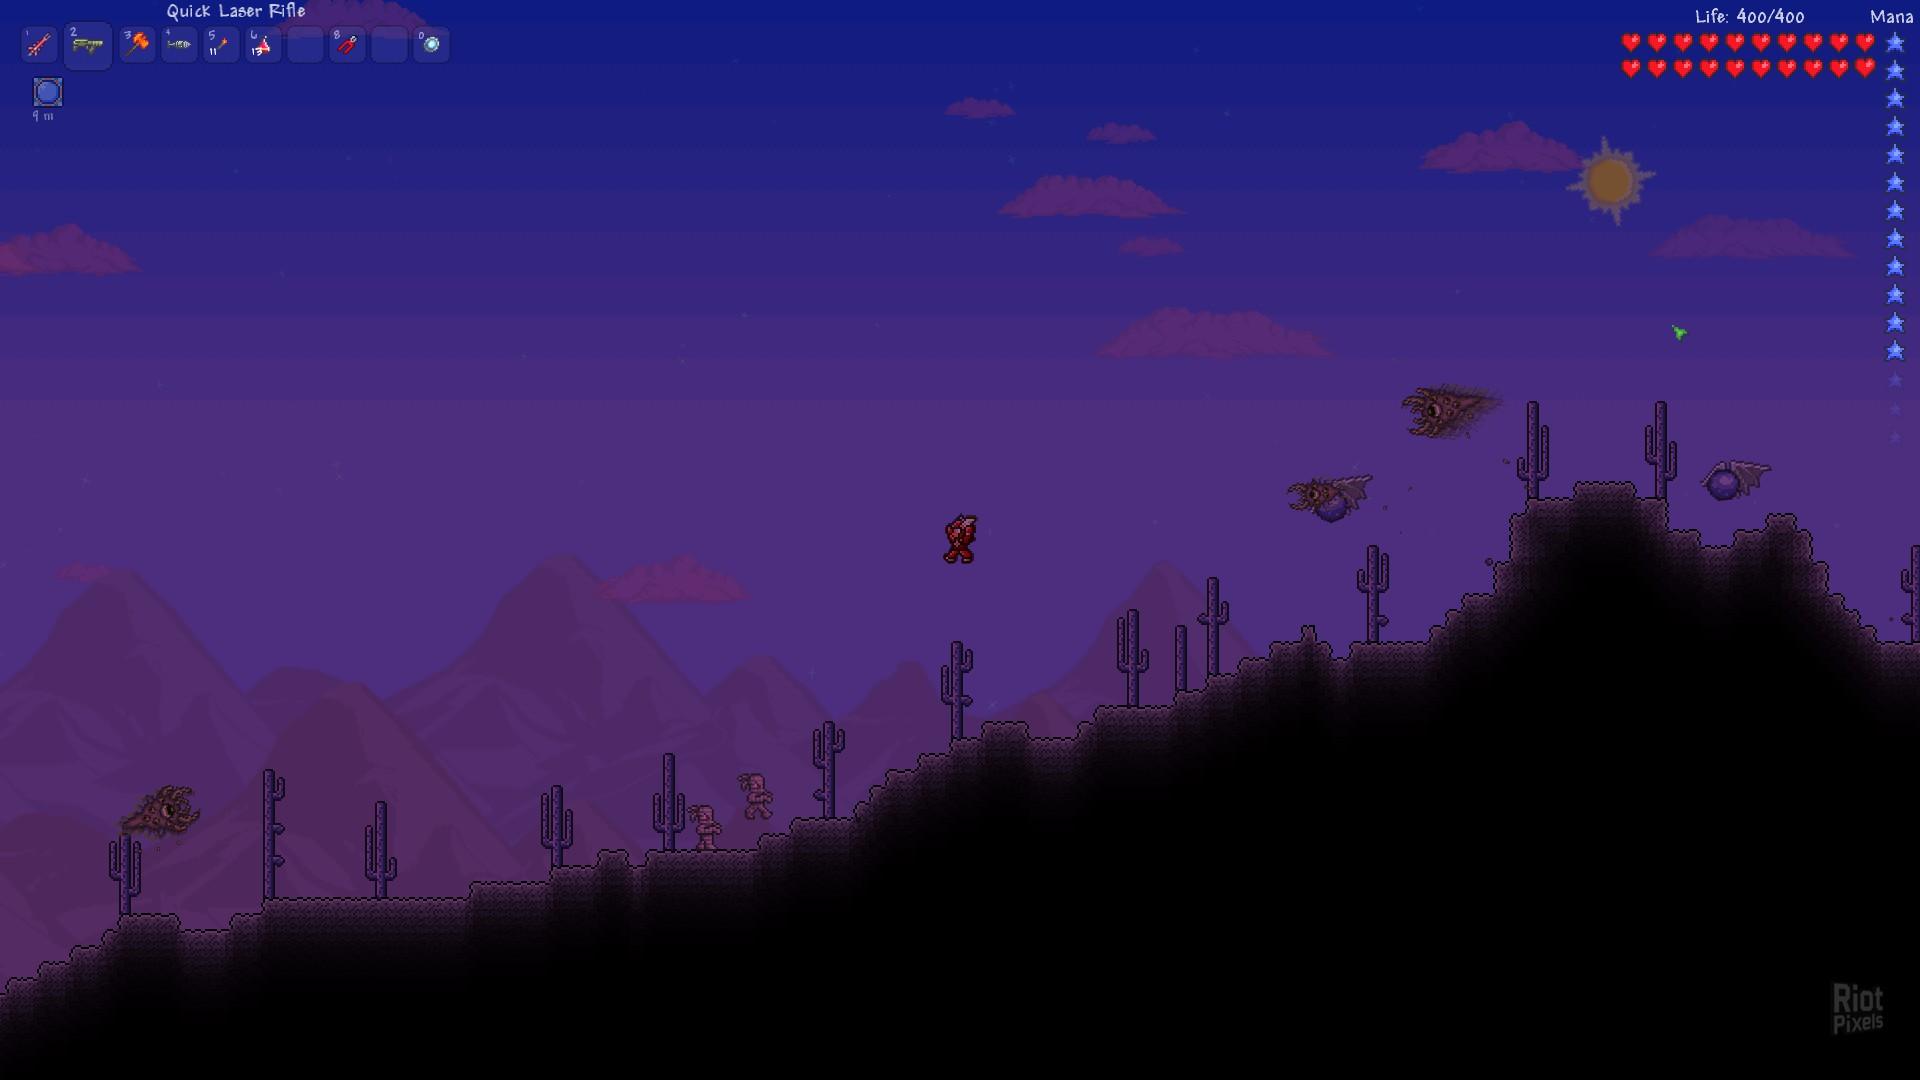 Terraria - game screenshots at Riot Pixels, images